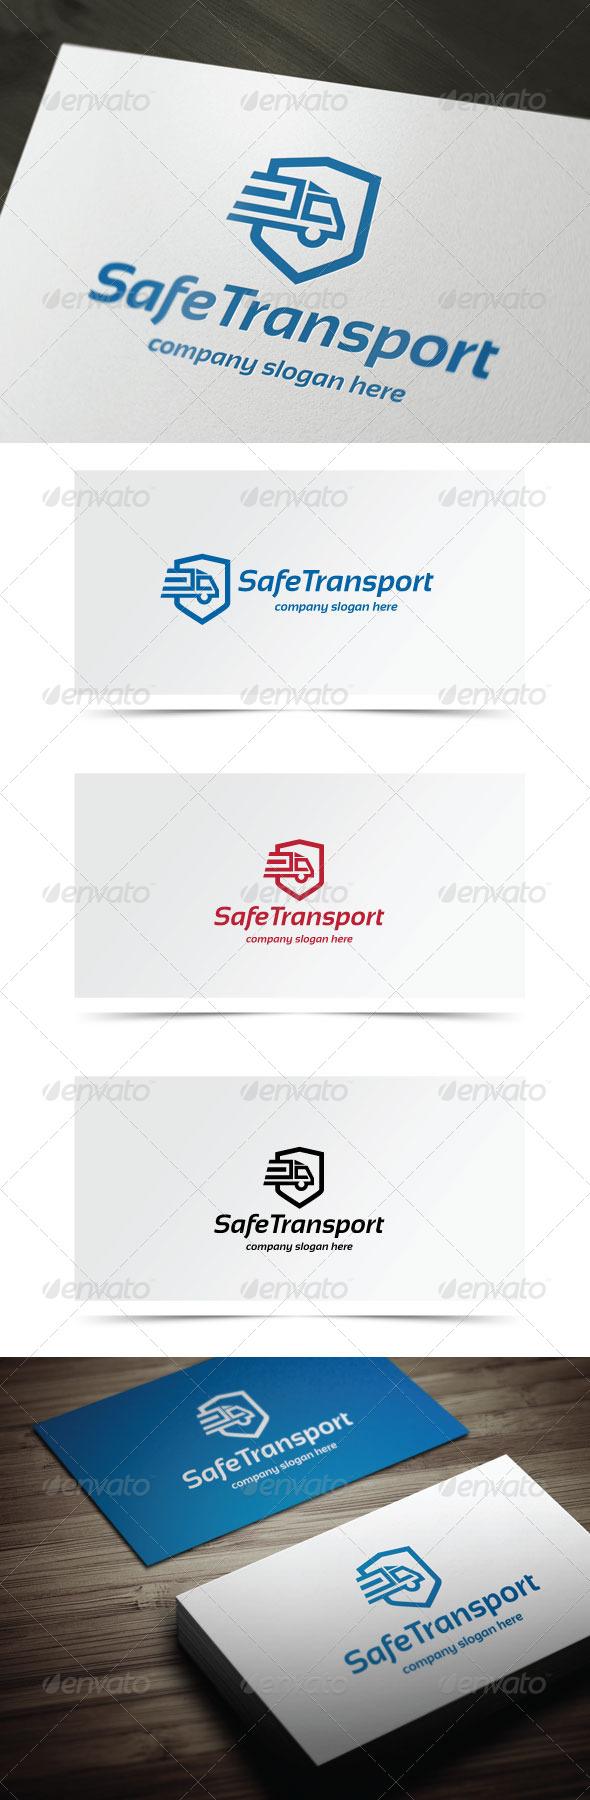 GraphicRiver Safe Transport 6546951